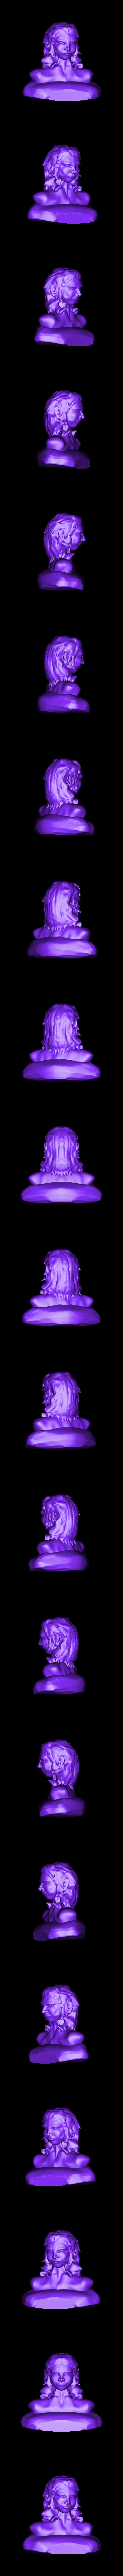 selena gomez.stl Download STL file Selena Gomez, singer • 3D print template, Majin59